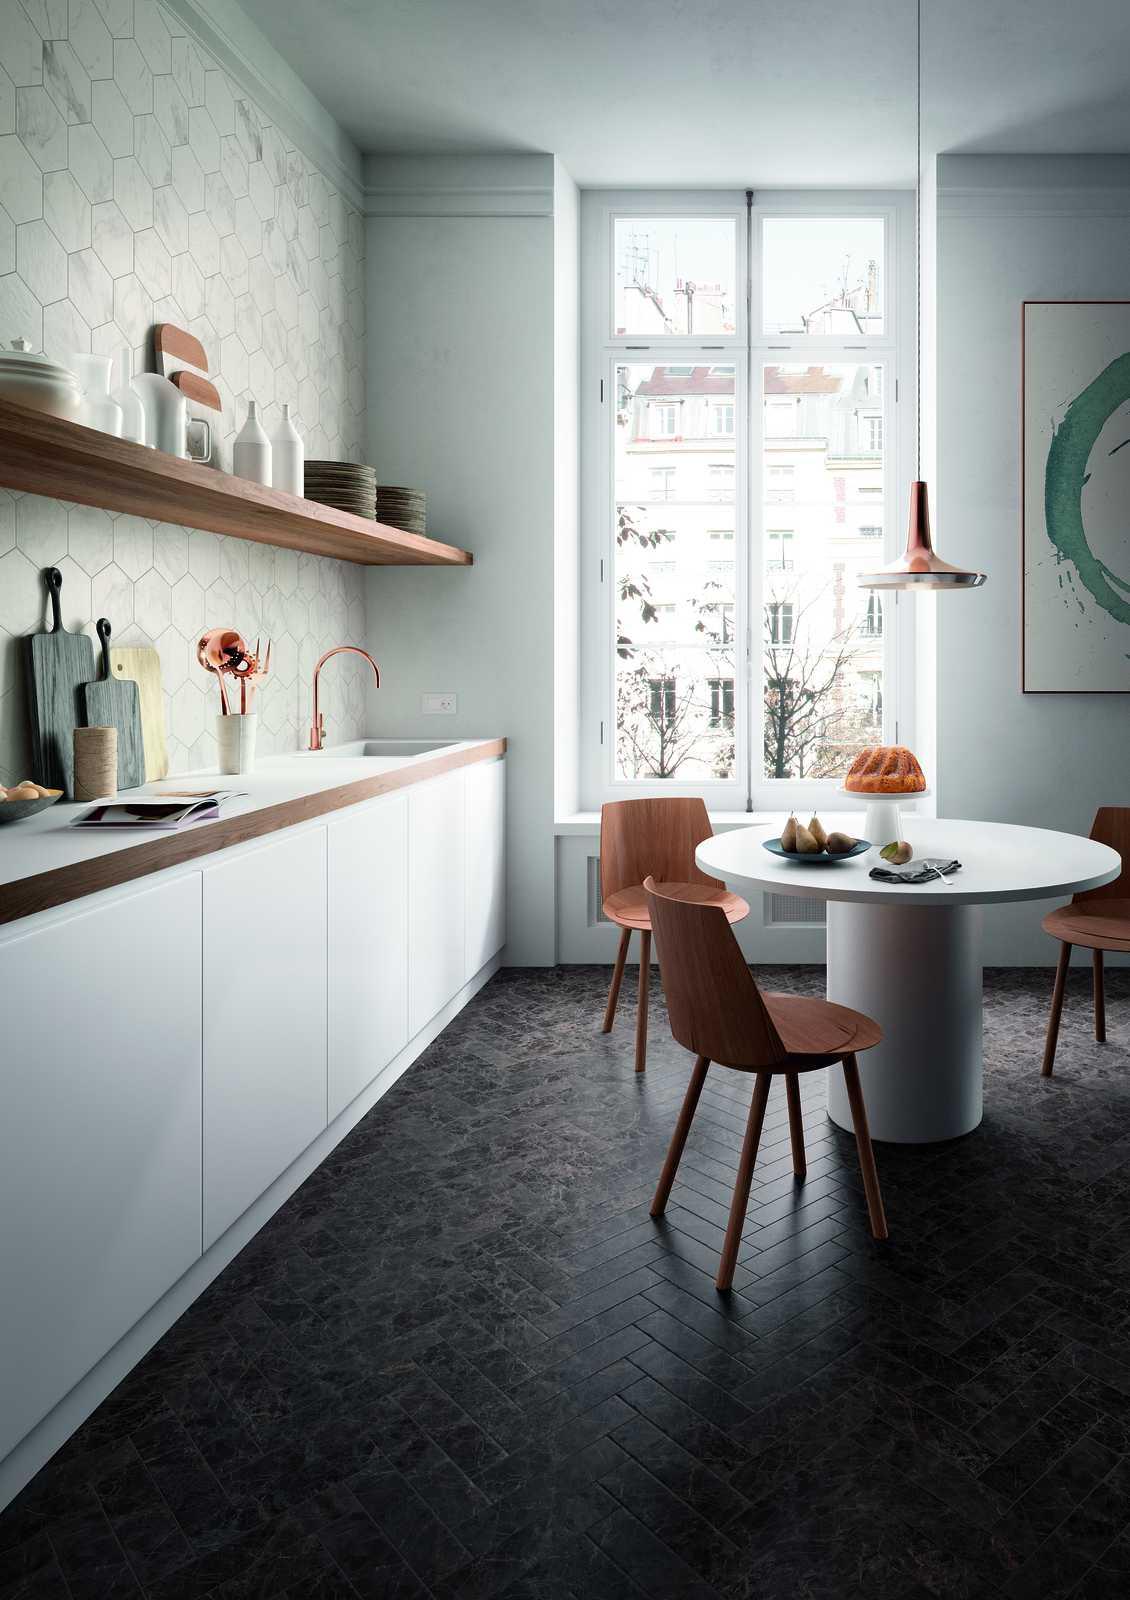 Piastrelle pavimenti e rivestimenti effetti e colori - Rivestimenti cucina marazzi ...